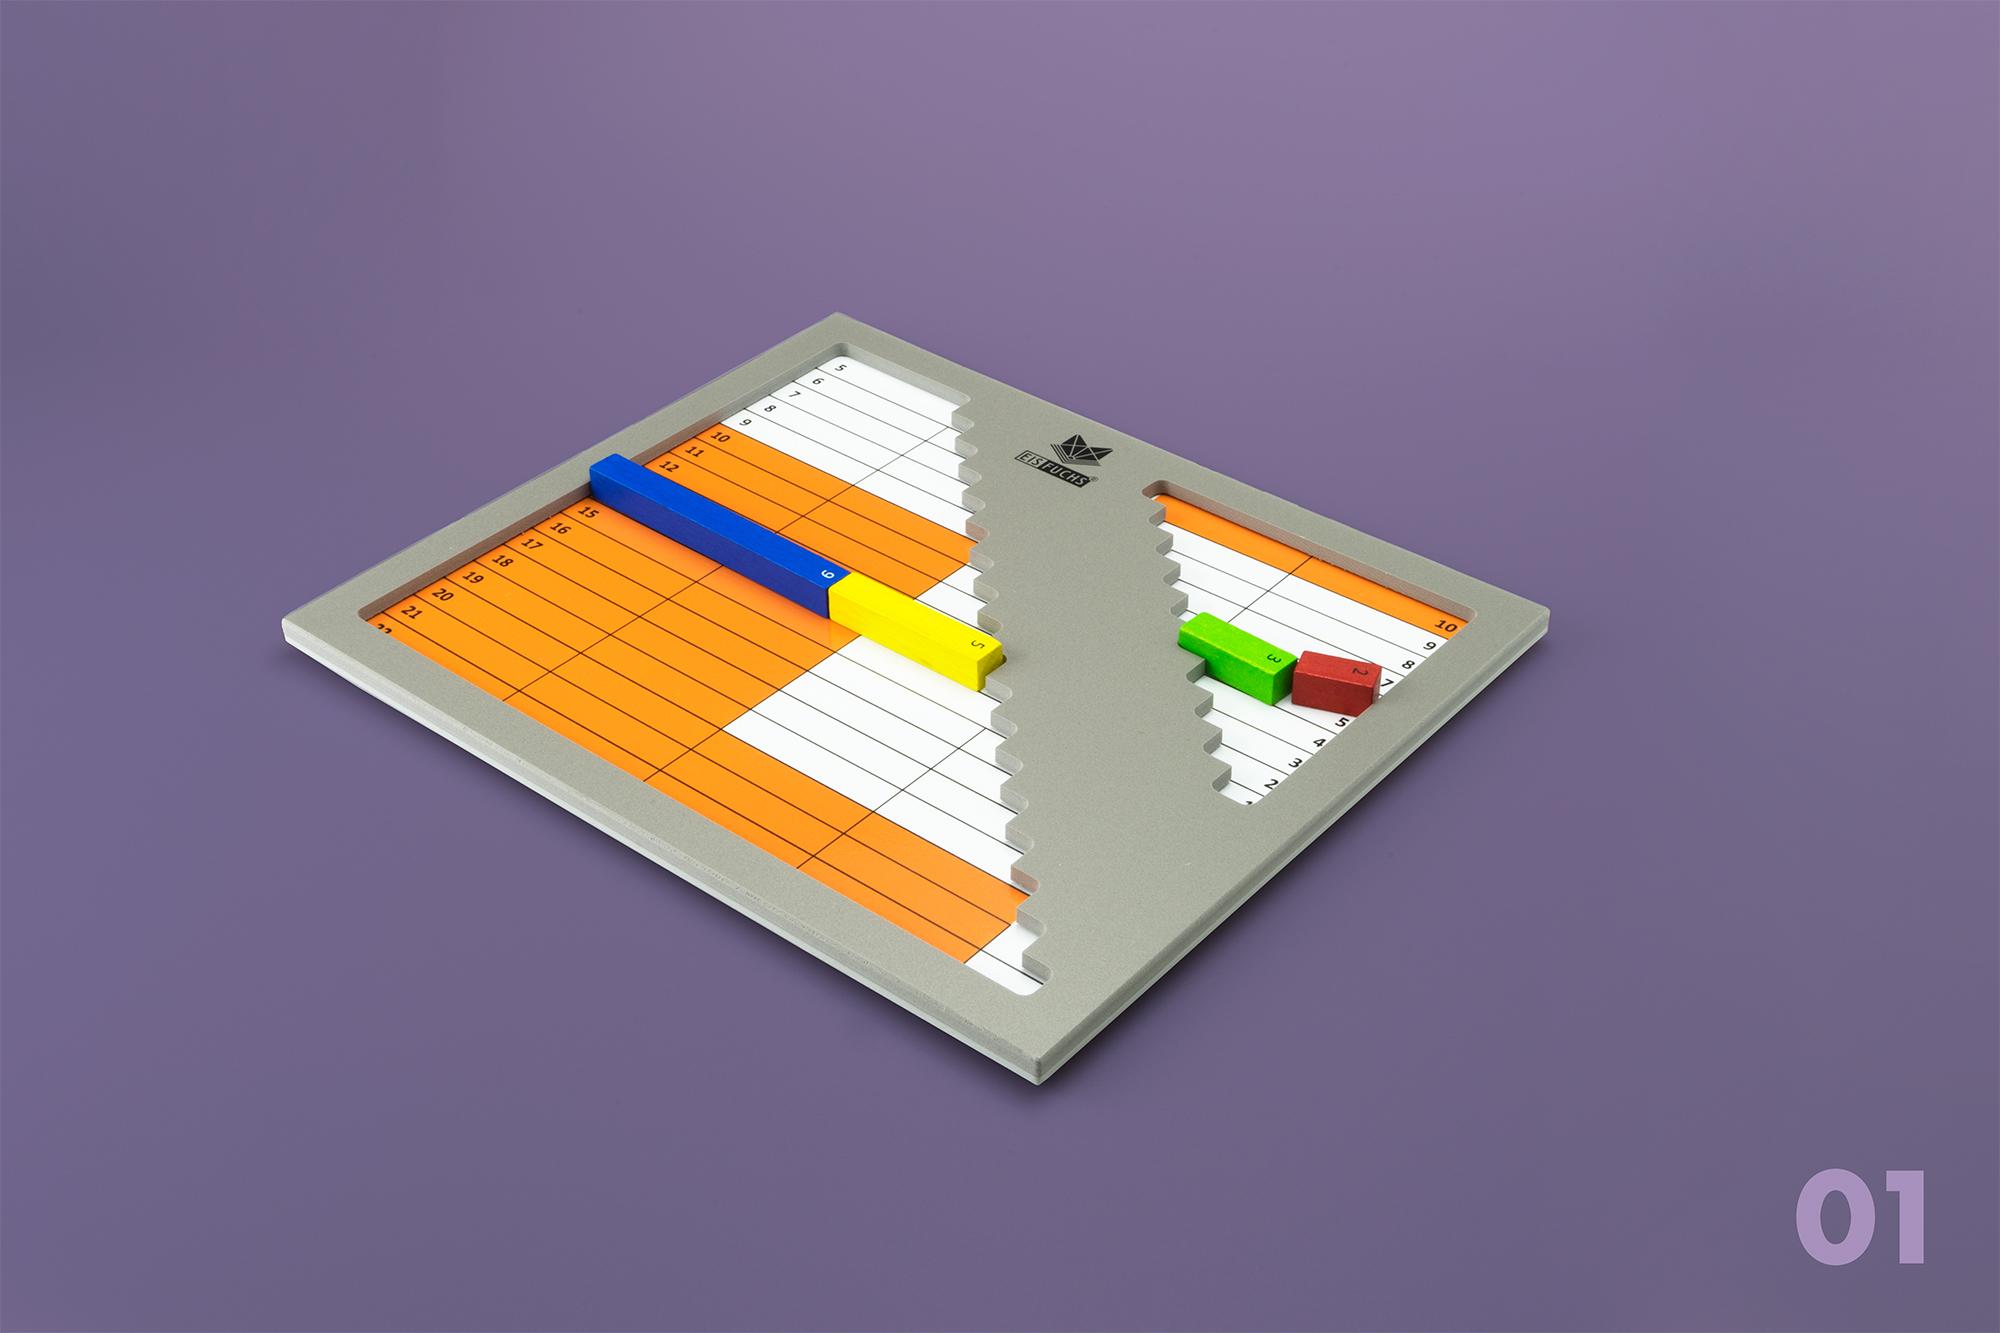 Zweiteiliges Treppen-Brett - Das zweiteilige Treppen-Brett aus Kunststoff und das Treppen-Brett aus Holz erfüllen auf leicht unterschiedliche Art dieselbe Funktion.Die Entscheidung zwischen dem grossen und dem kleinen Treppenfeld führt zu der oft vernachlässigten Rechenstrategie des Abschätzens von Lösungen.CHF 72.– mit Anleitung